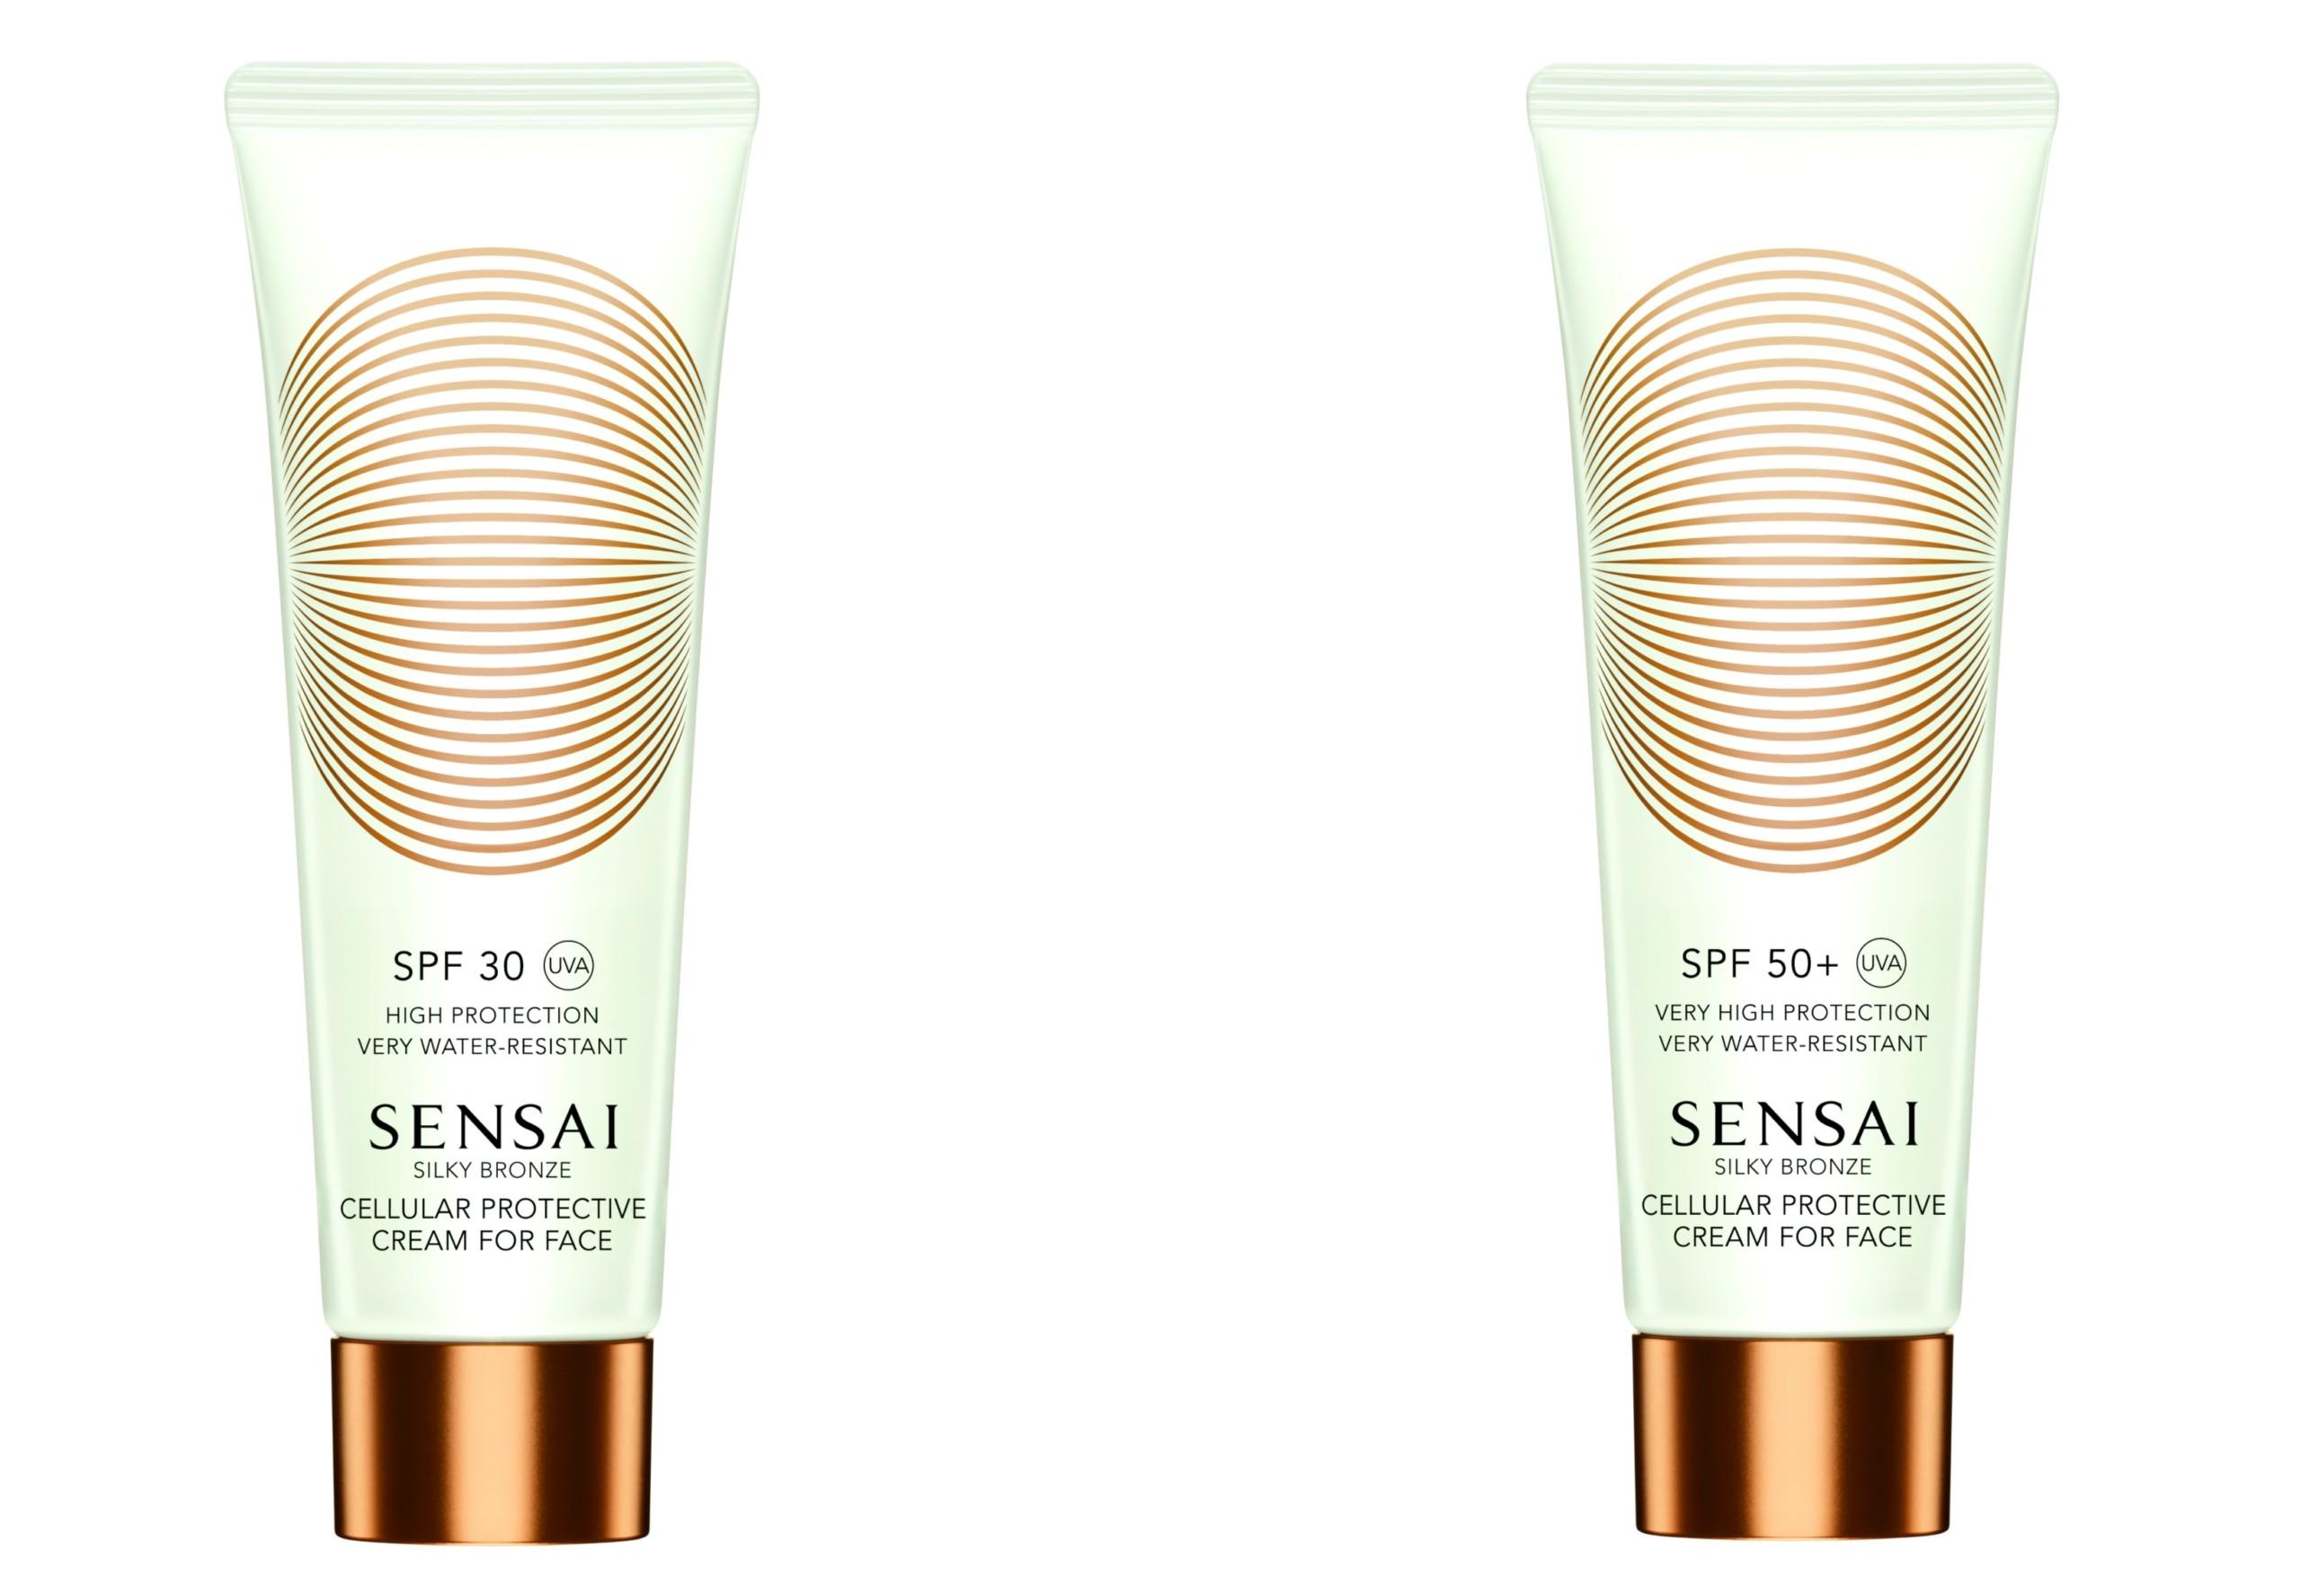 Sensai Cellular Protective Cream For Face